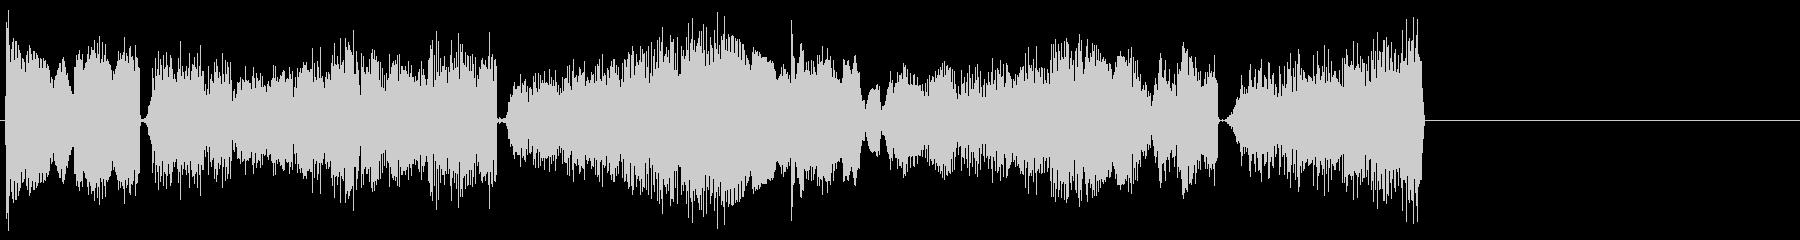 ベルを用いたオシャレ系ジングル向けBGMの未再生の波形